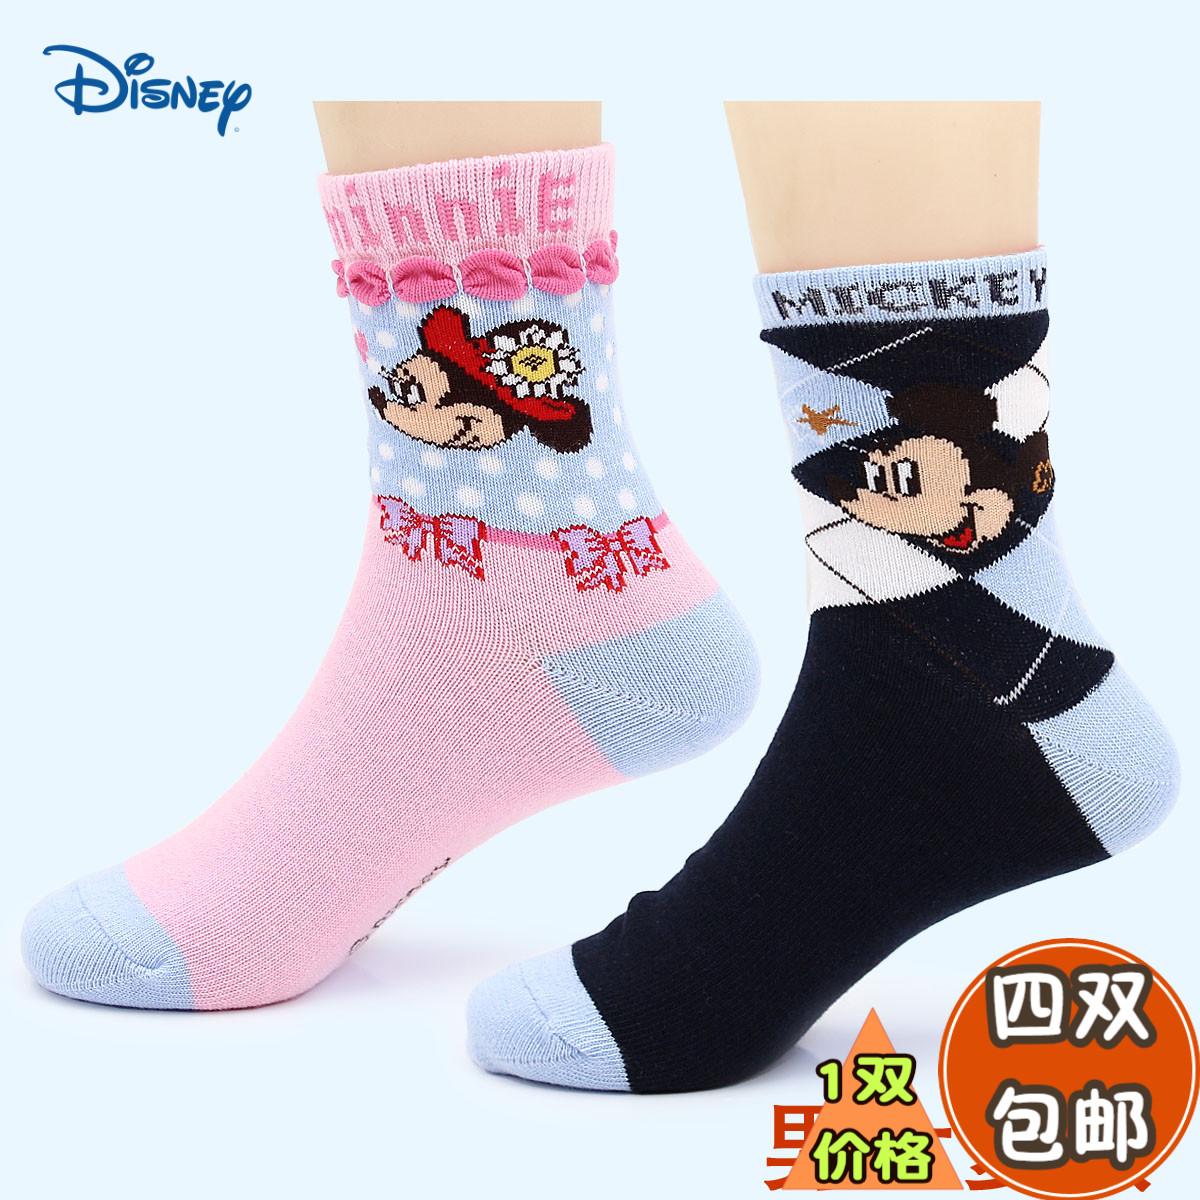 专柜迪士尼儿童袜子秋冬保暖米奇小孩卡通袜子厚袜男童女童中筒袜